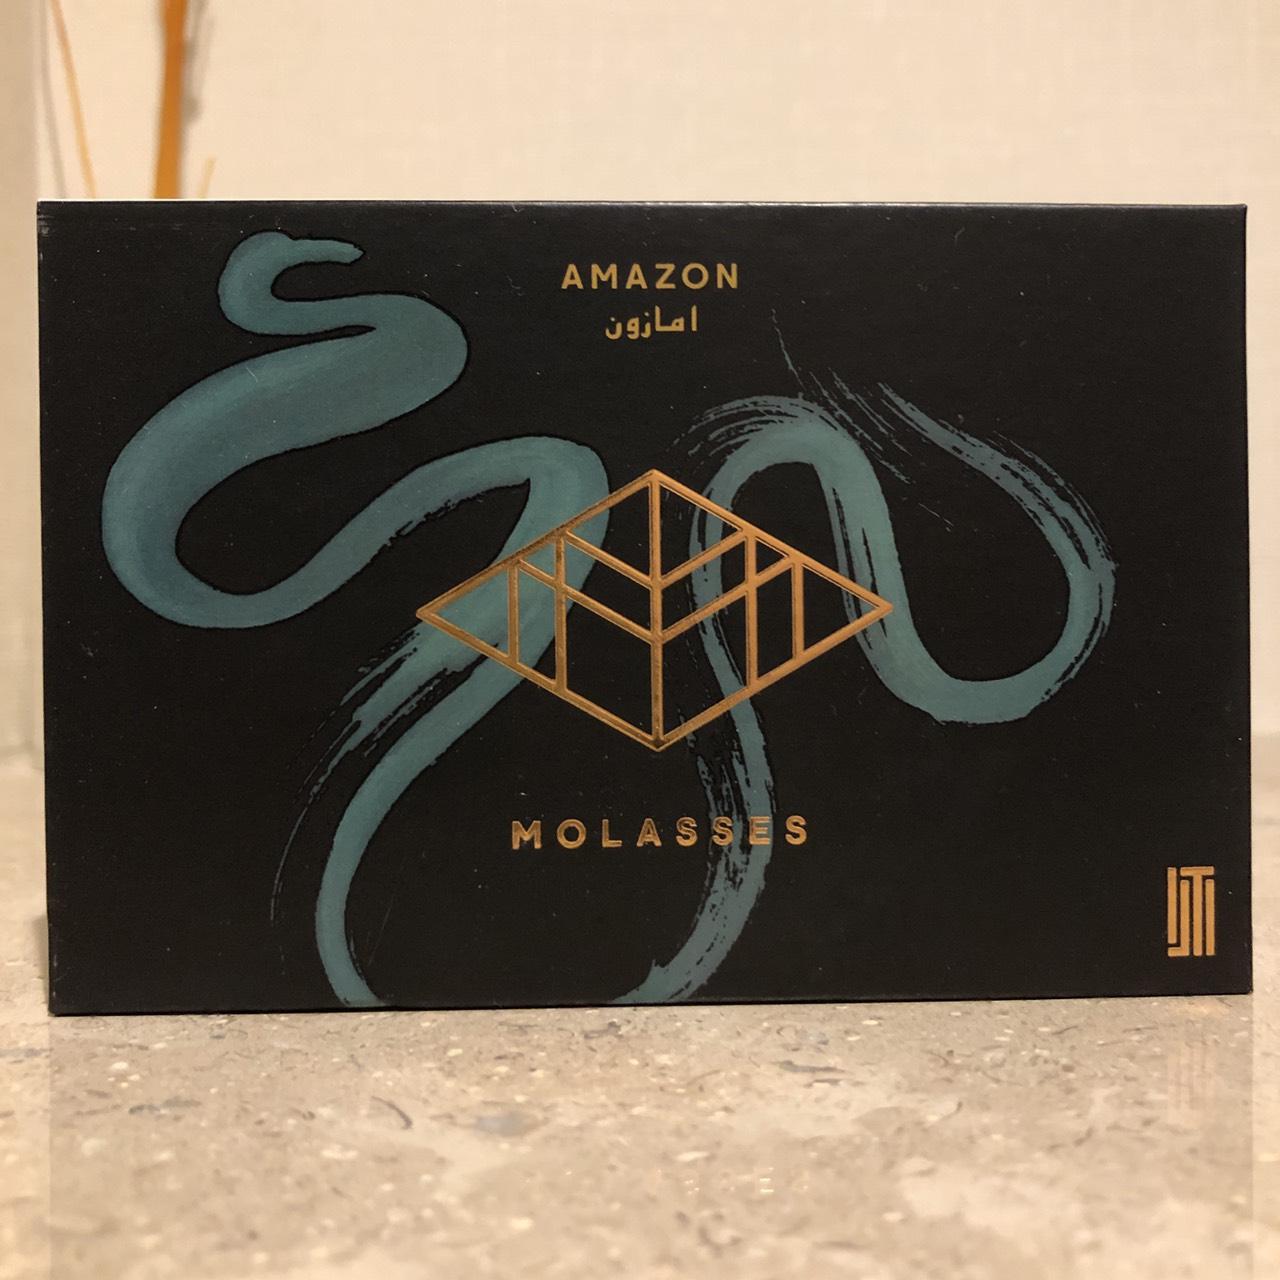 MALAKI / Amazon(おそらくはStrawberry系とPassionfruit系がメインのフルーツ系のMix、時間による香りの変化が大きい)